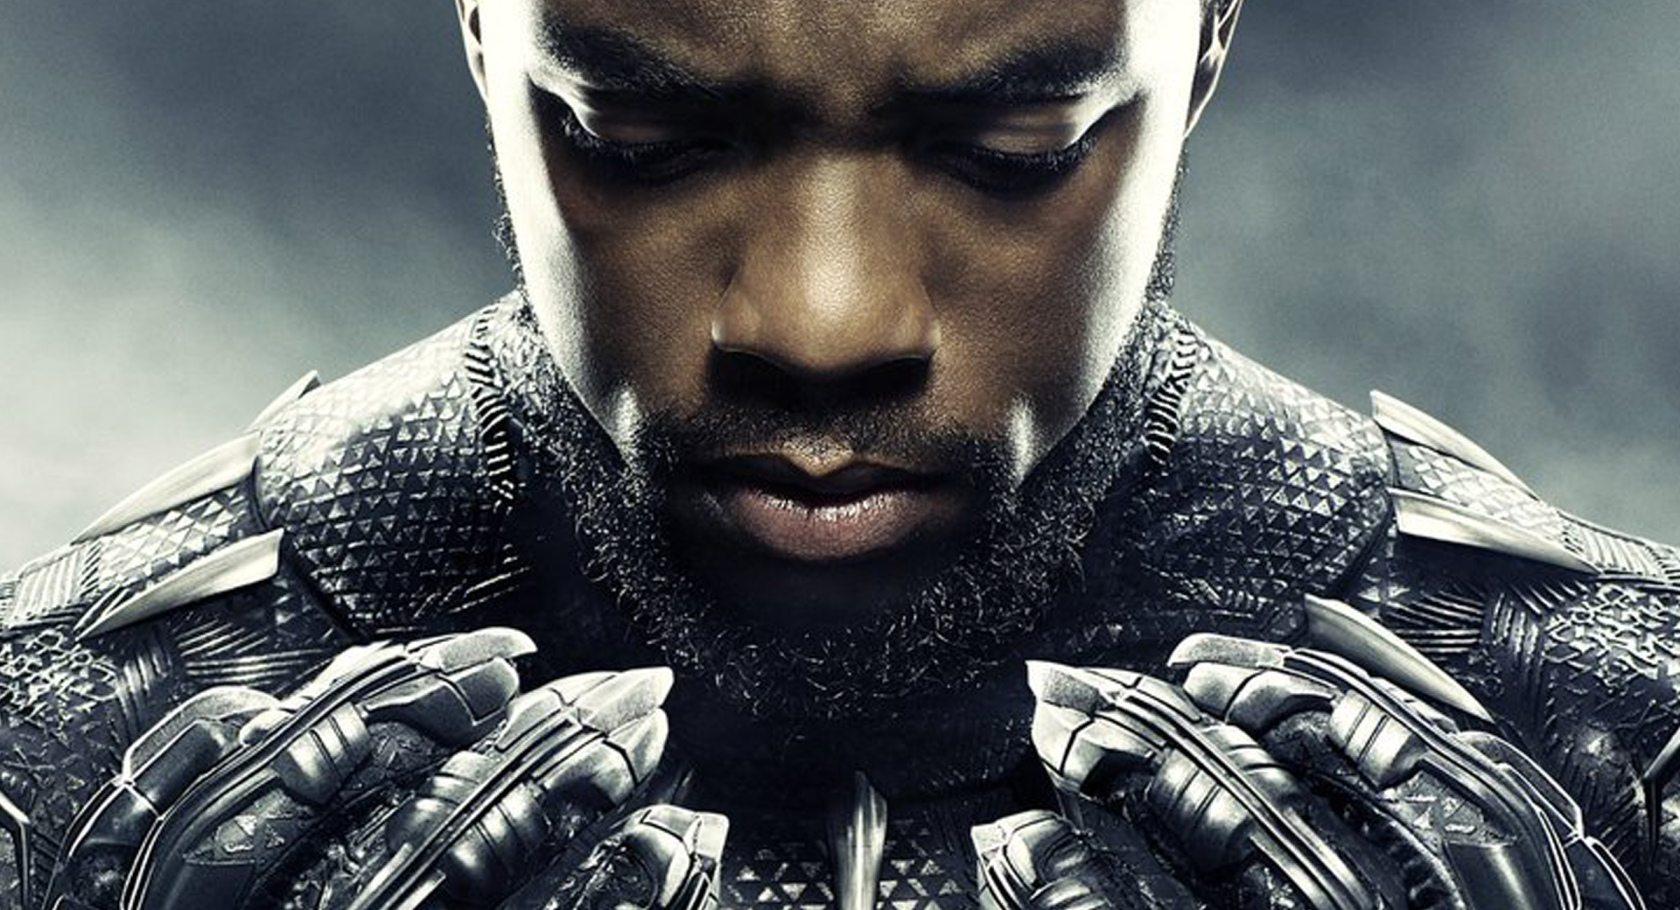 Kevin Feige de Marvel comenta sobre la nominación a la Mejor Película de Black Panther en los Oscar